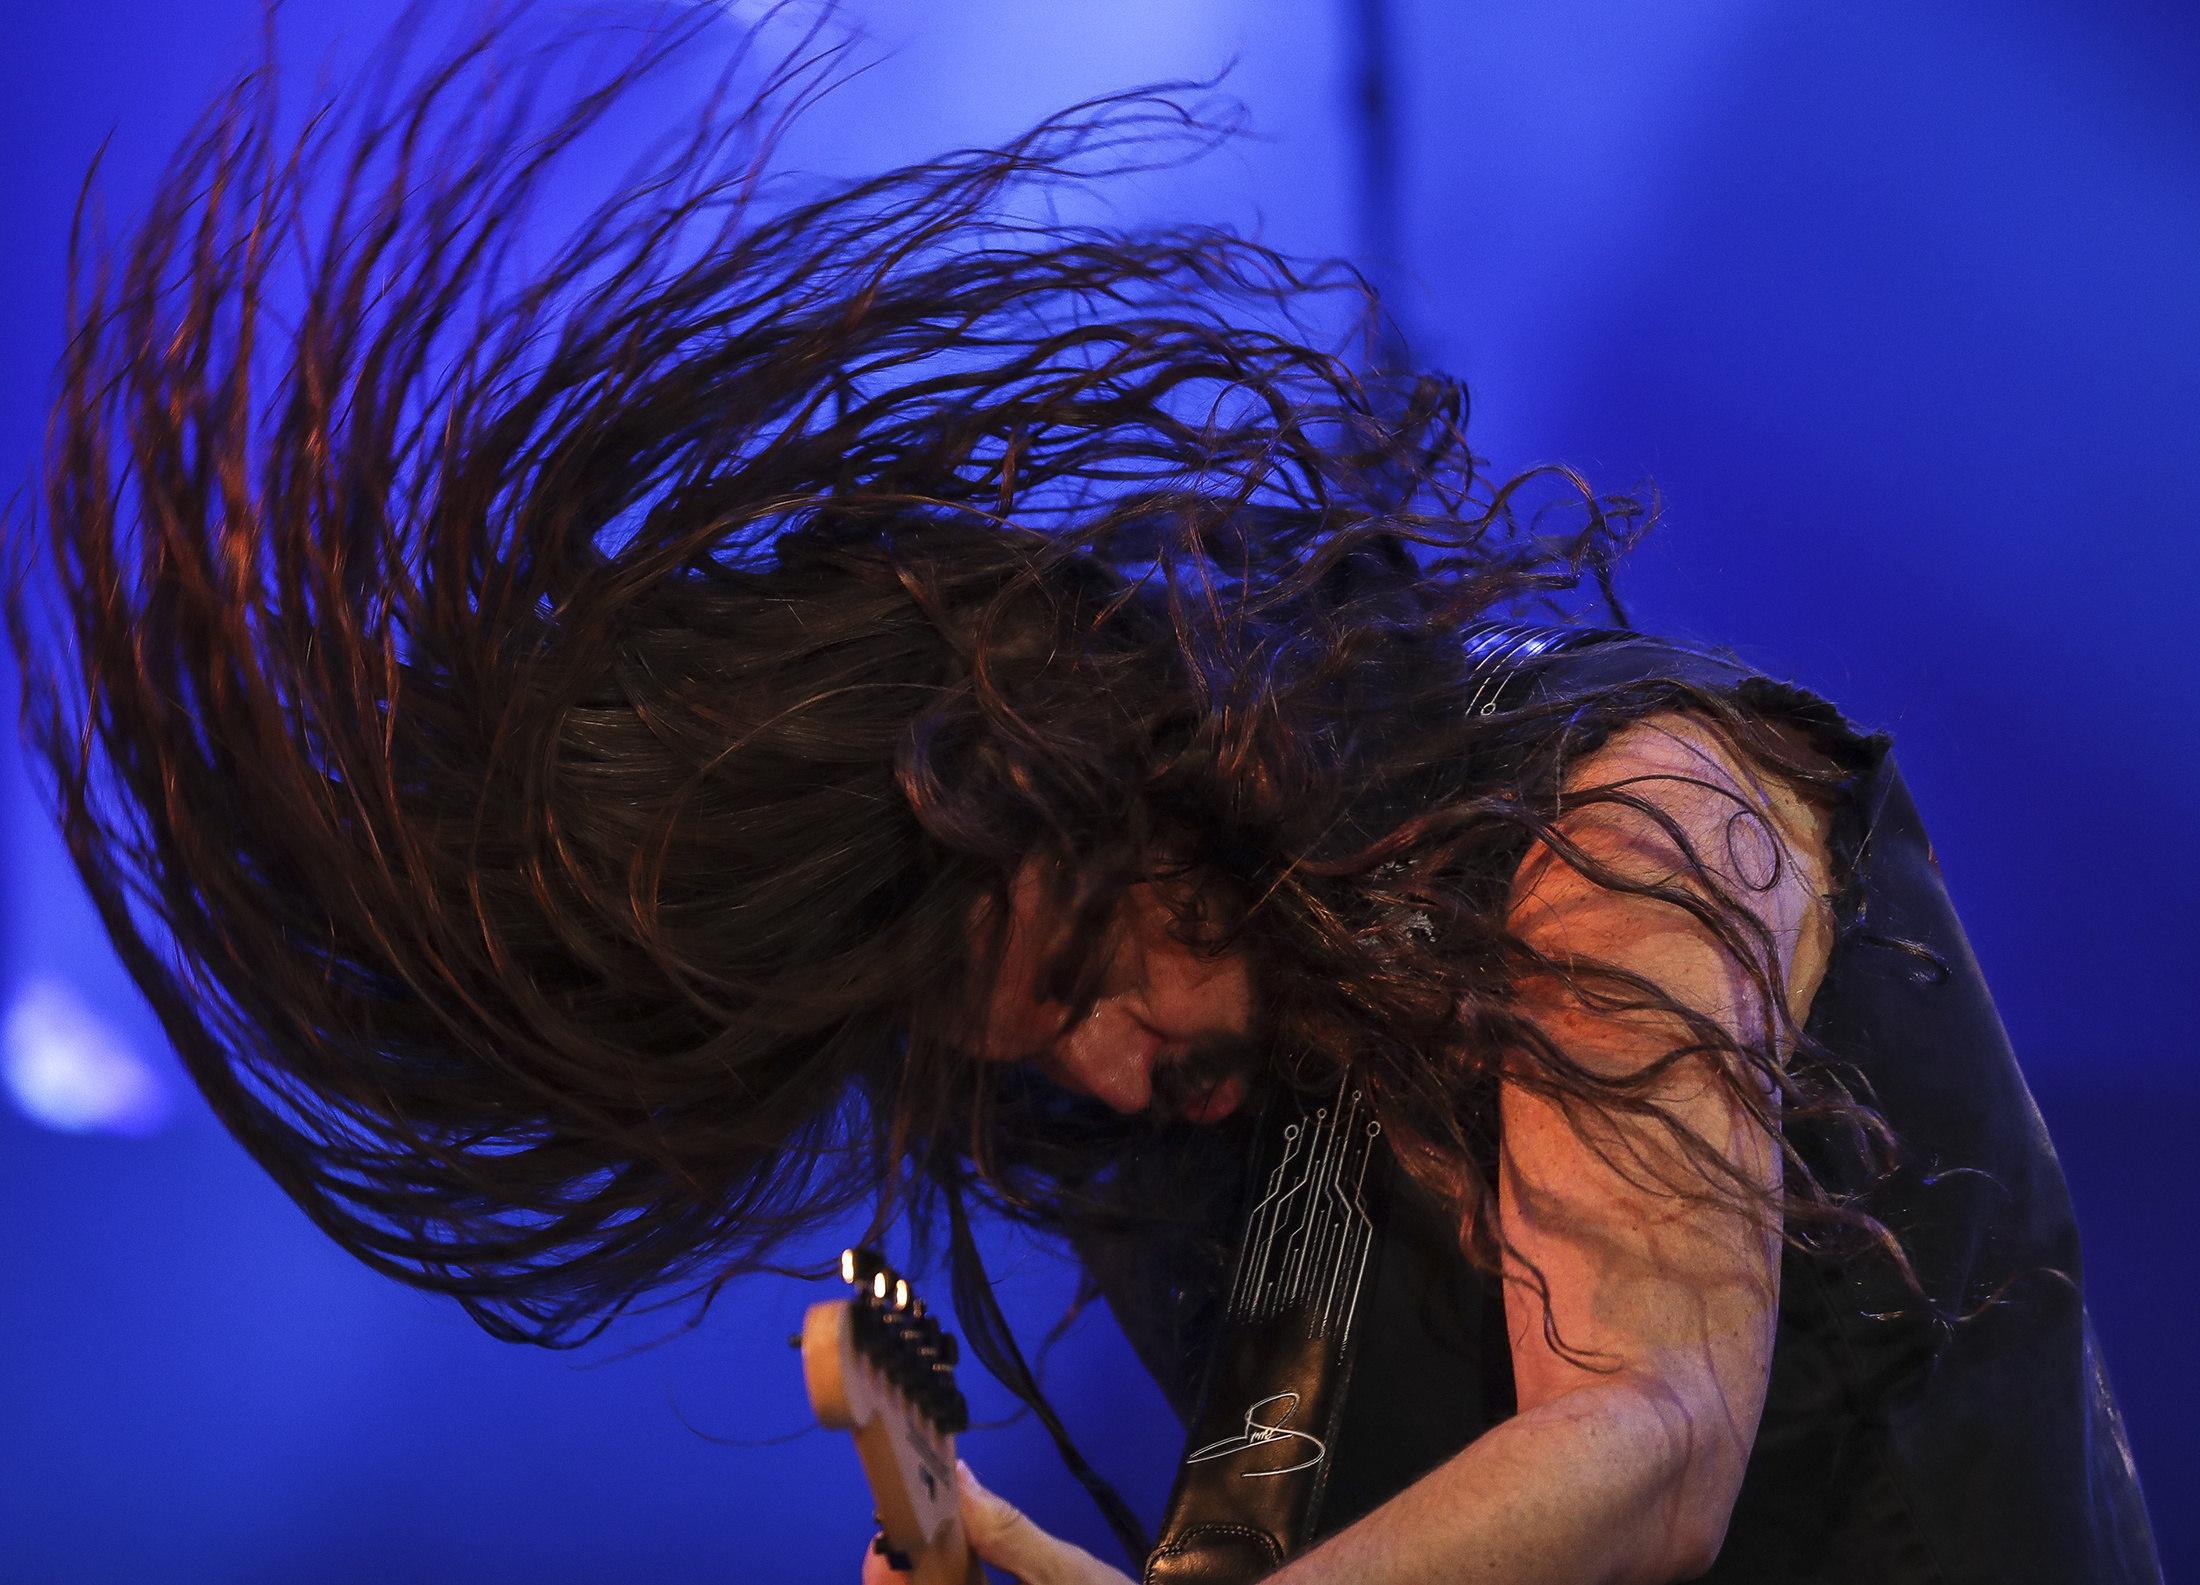 El guitarrista Andreas Kisser, de la banda Sepultura, actua al festival Rock in Rio (Brasil). /ANTONIO LACERDA